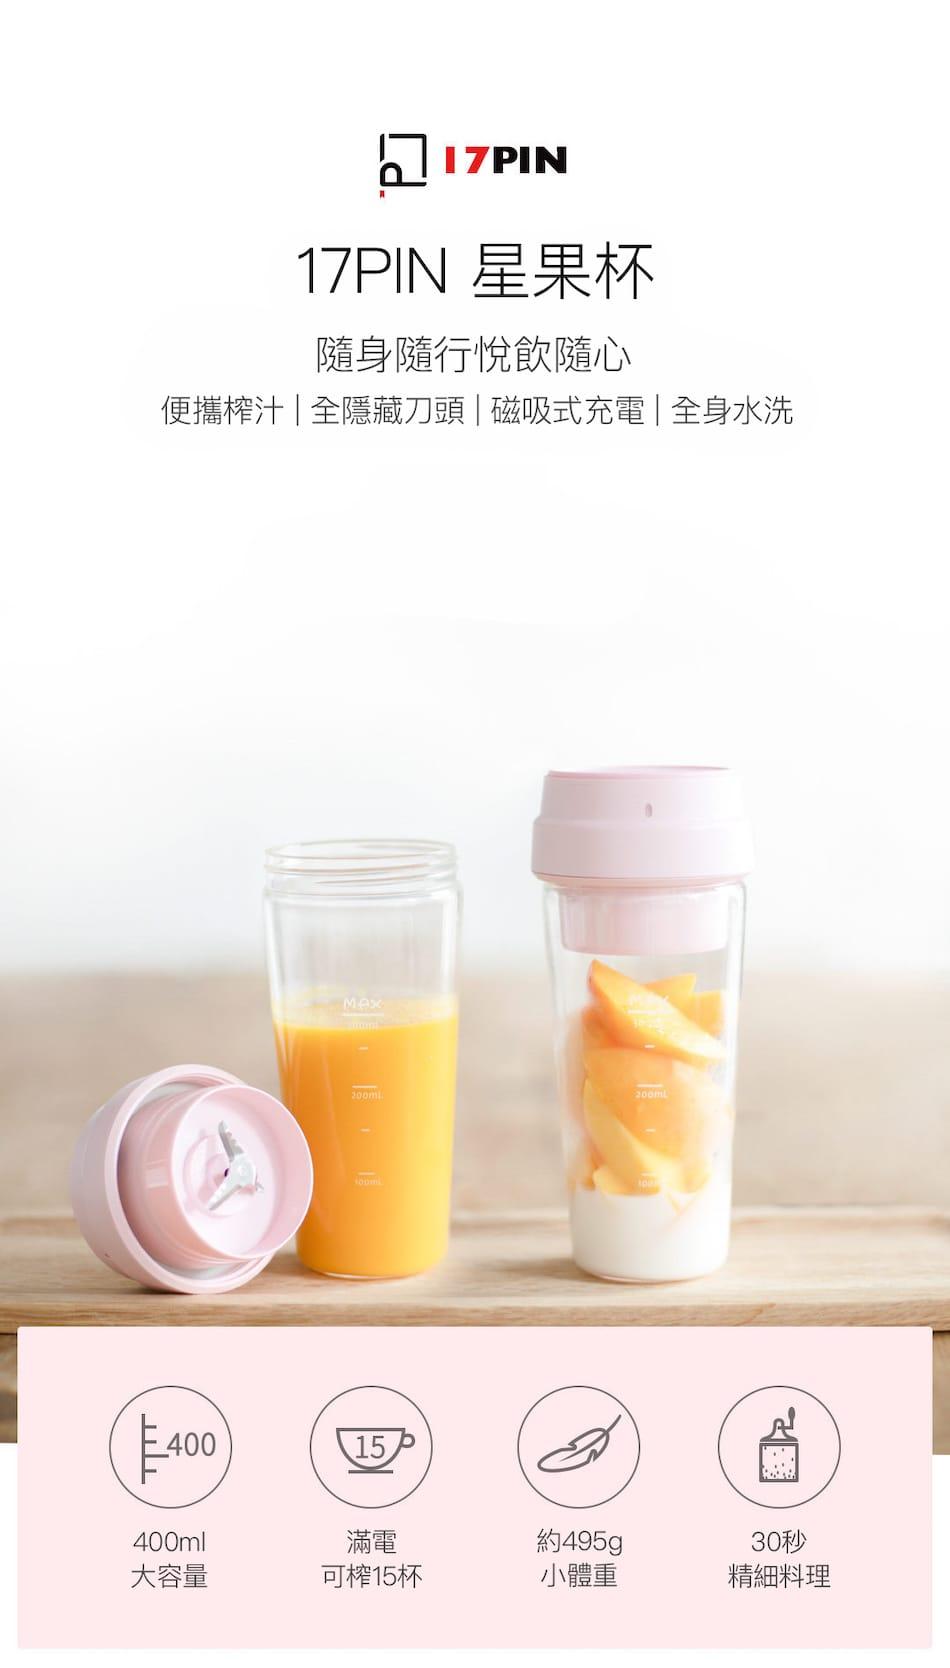 小米 米家 17PIN 星果杯 電動攪拌迷你便攜隨身水果榨汁杯   無聊至極 verylboring